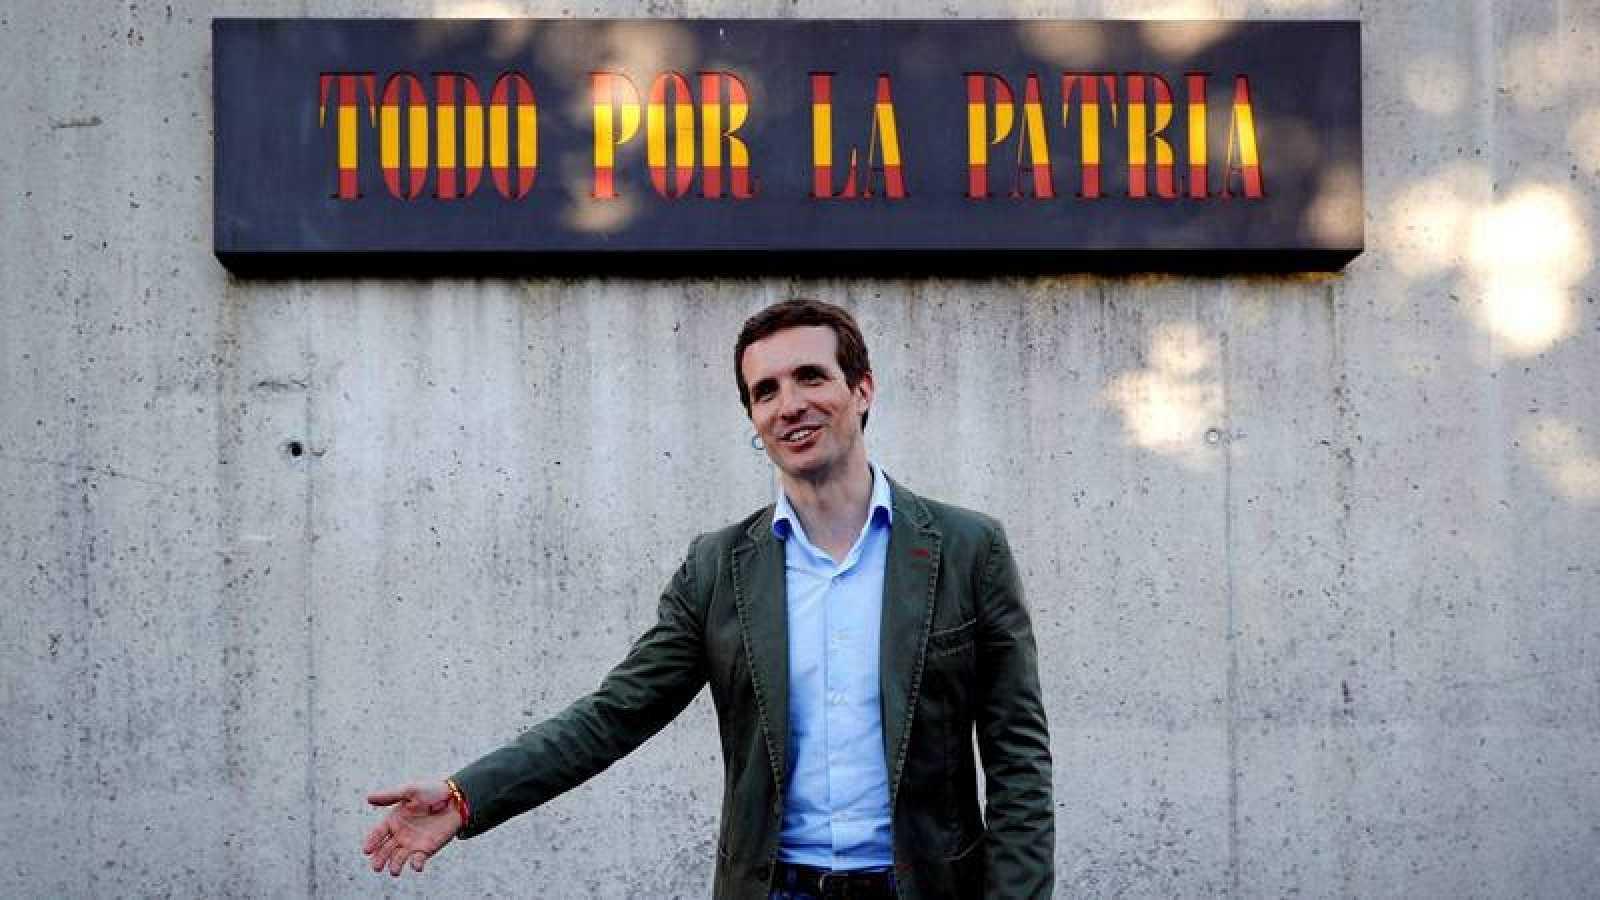 El precandidato a la Presidencia del PP Pablo Casado hace campaña en Alsasua.